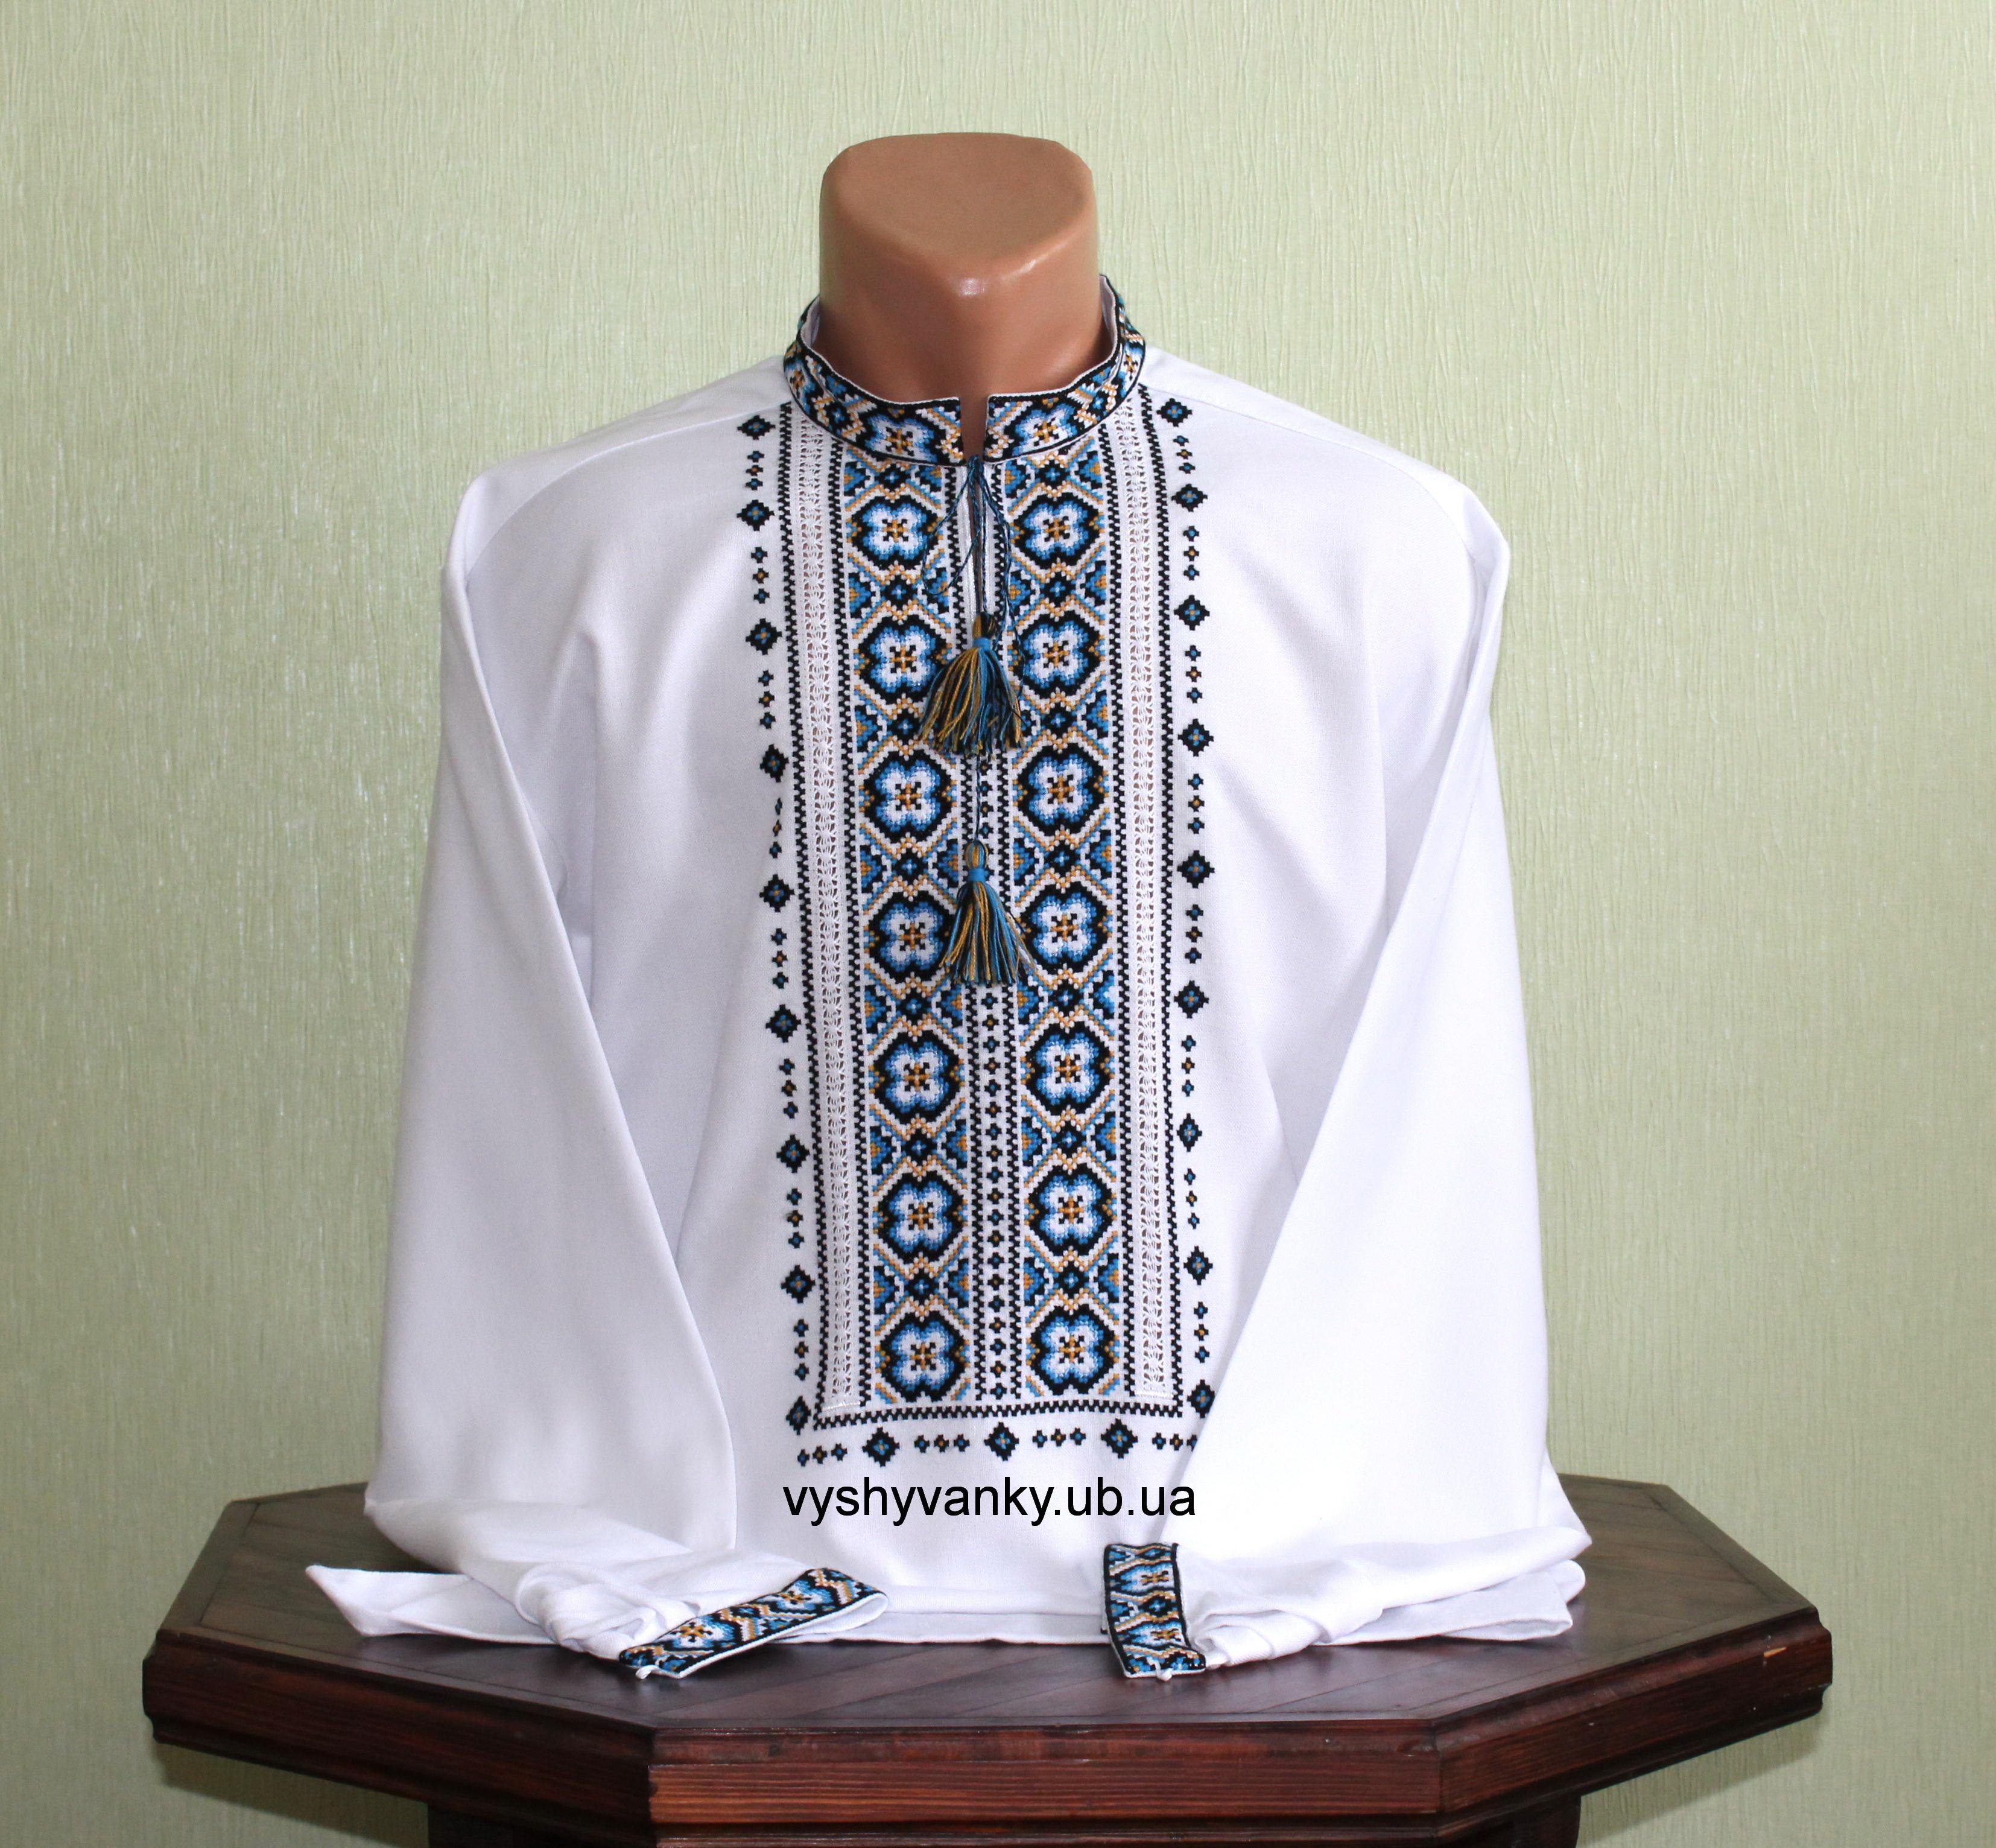 Чоловіча вишиванка ручної роботи ціна 1d22743948137